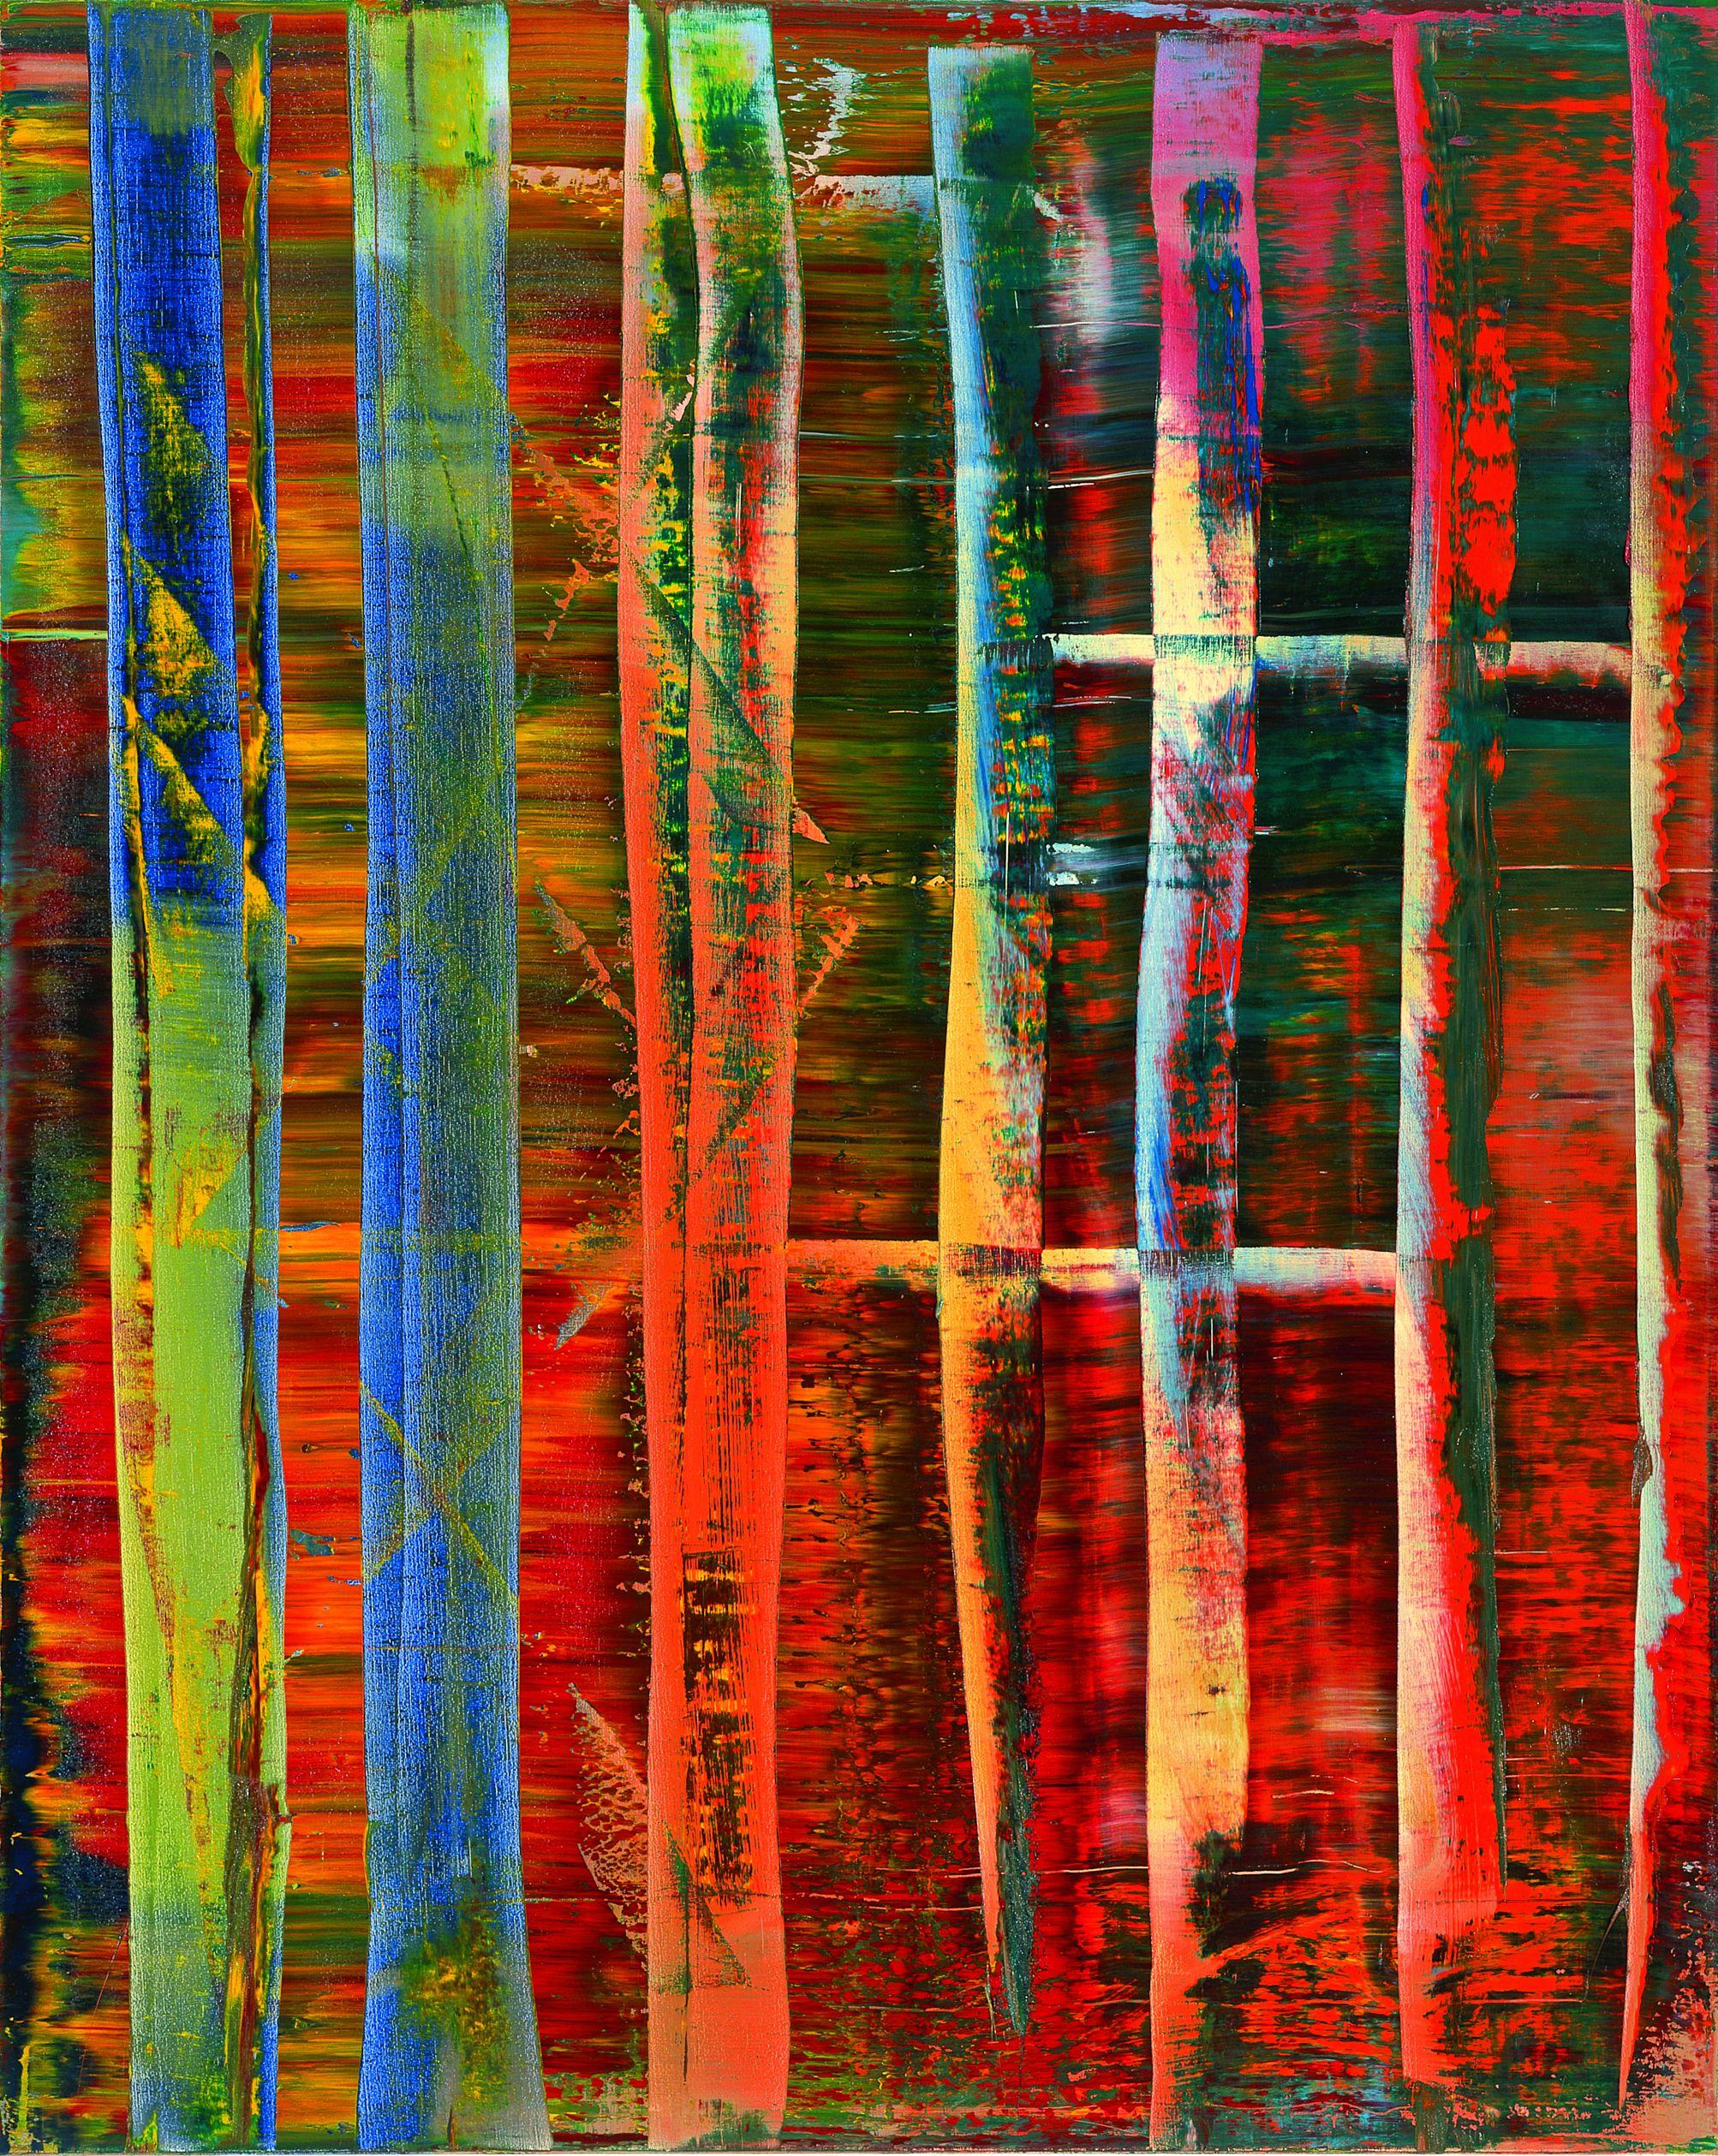 Gerhard Richter, Abstraktes Bild, 1992; Museum Frieder Burda, Baden-Baden © Gerhard Richter, 2015; Foto: Volker Naumann, Schönaich